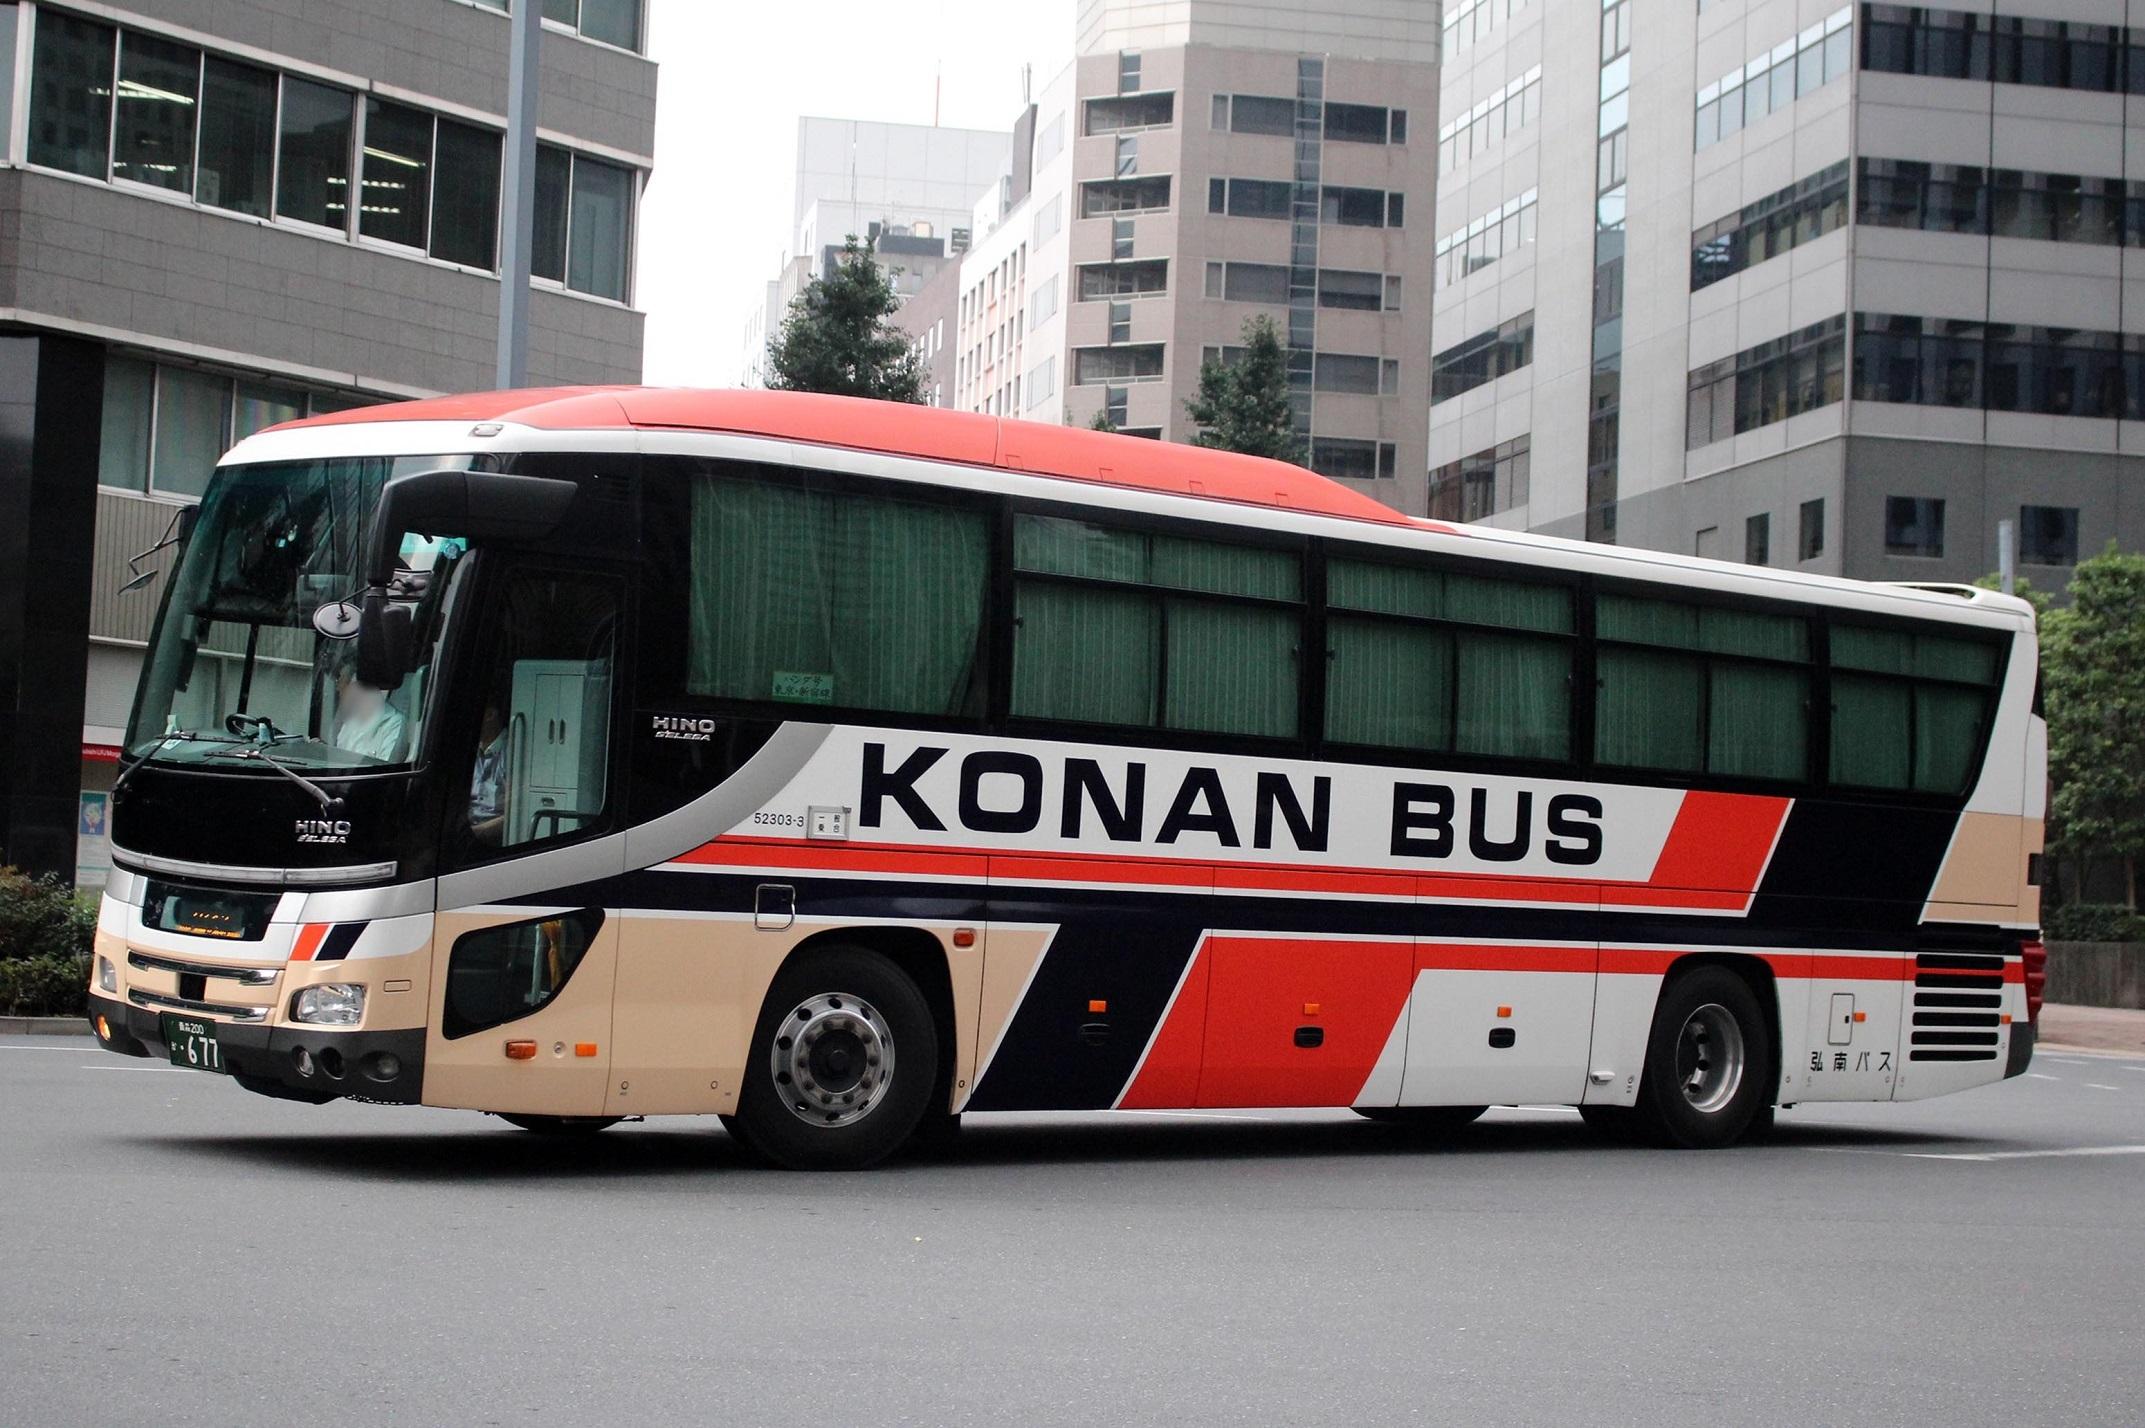 弘南バス 52303-3